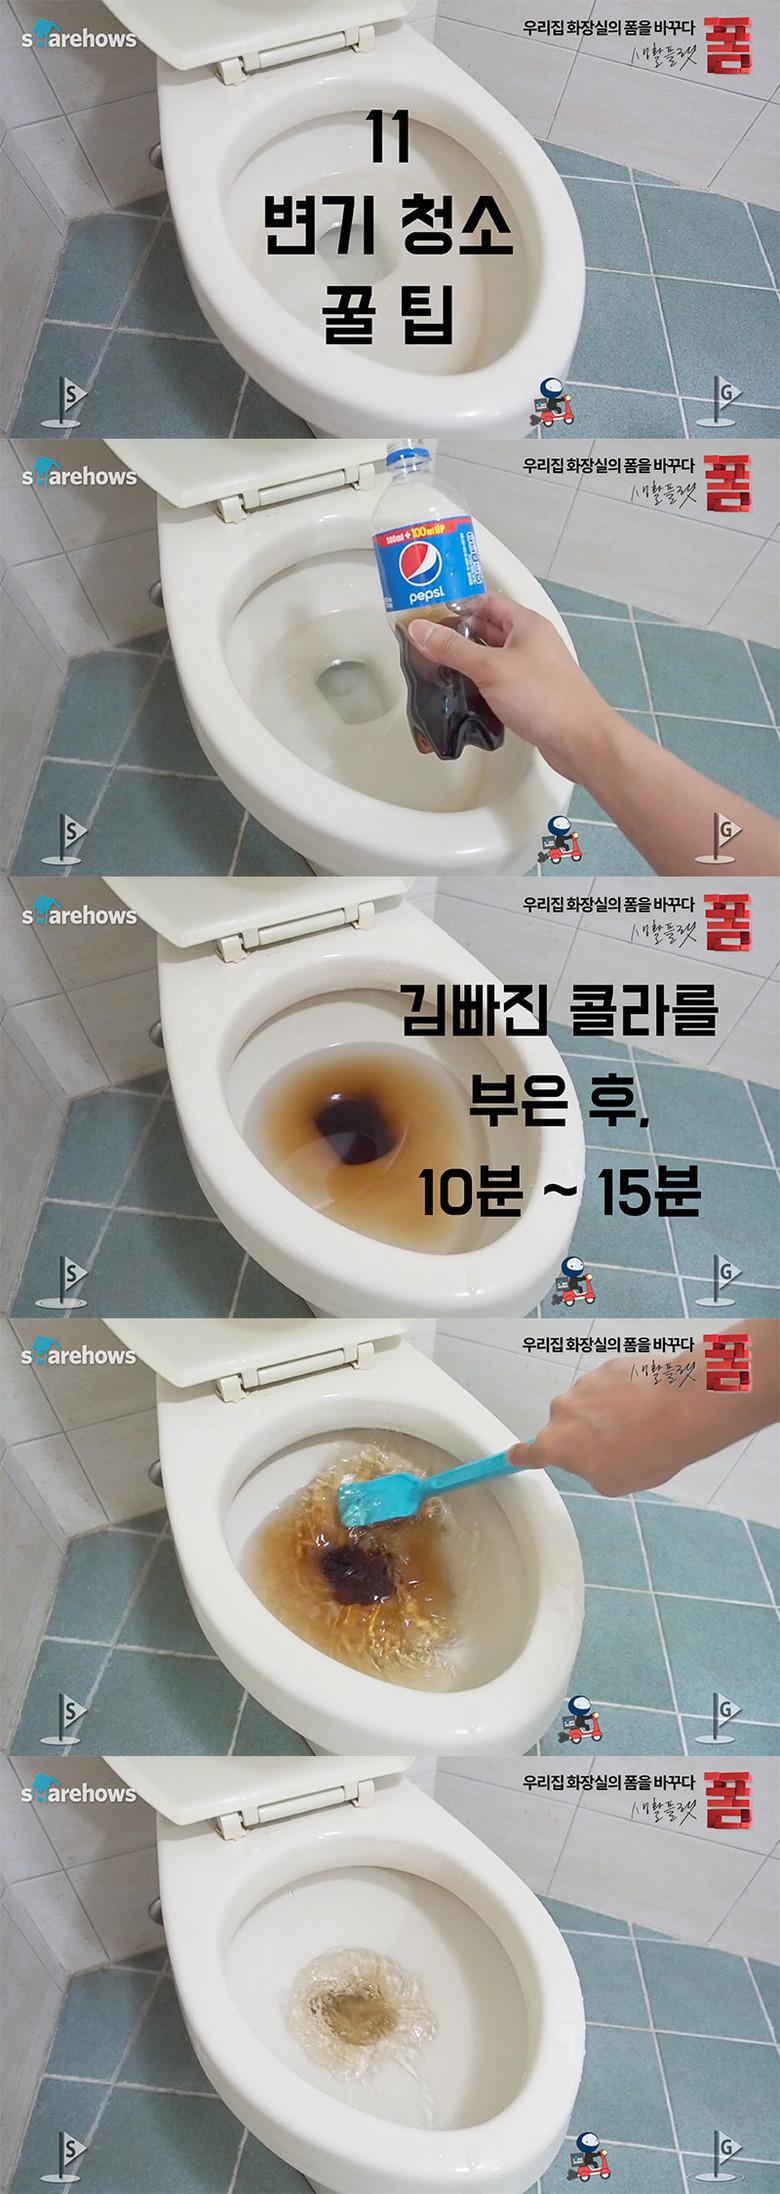 욕실 꿀팁 16가지